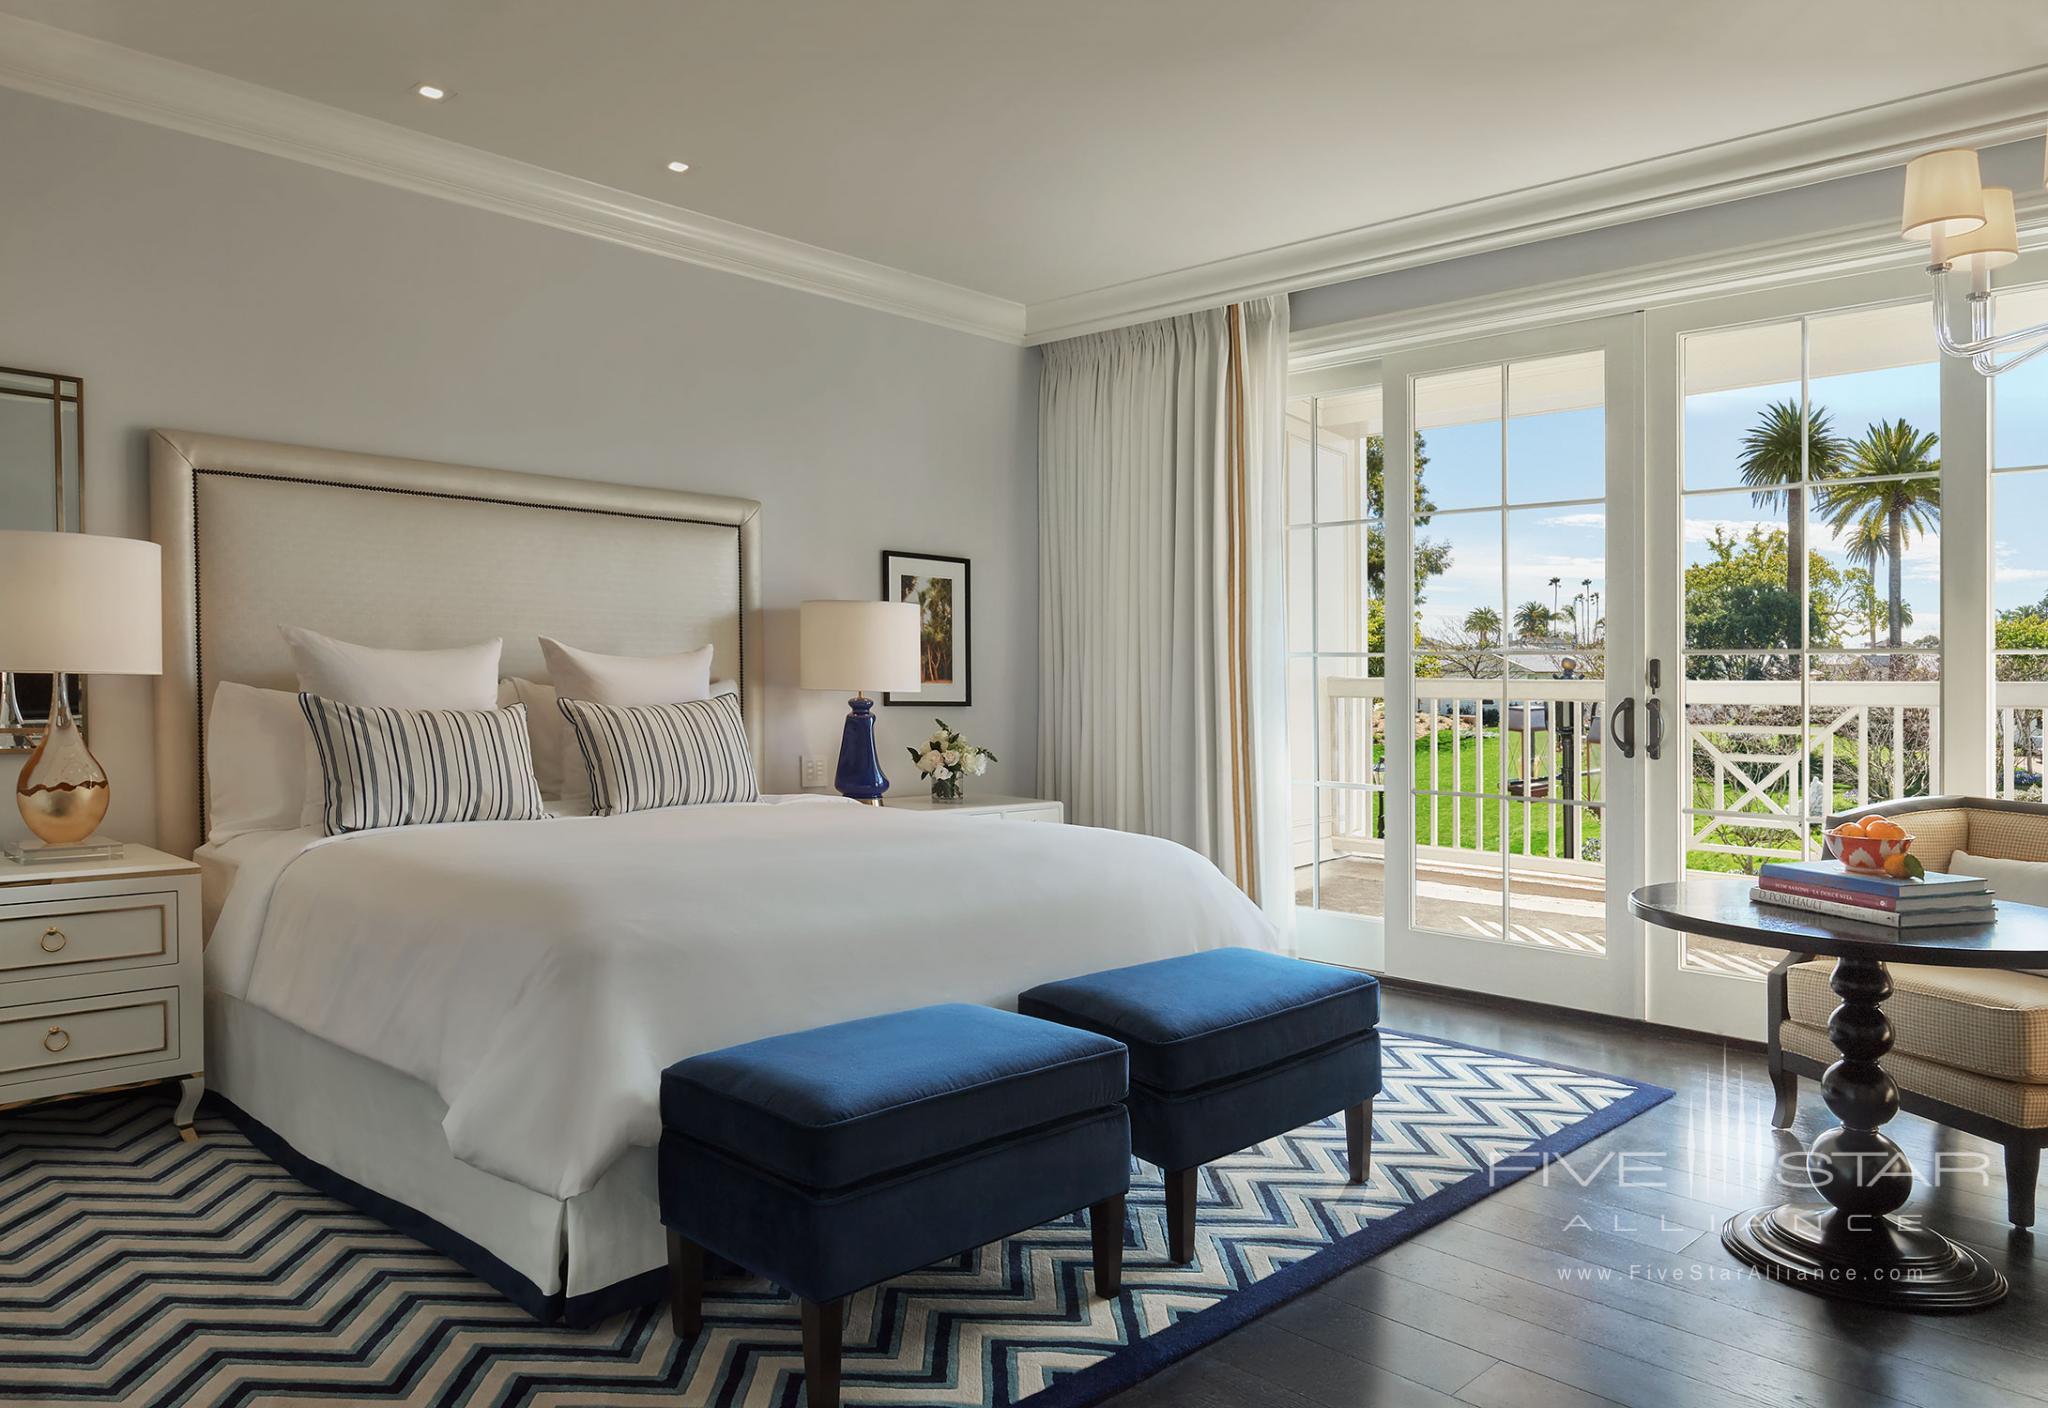 Lanai House Second Floor at Rosewood Miramar Beach Montecito